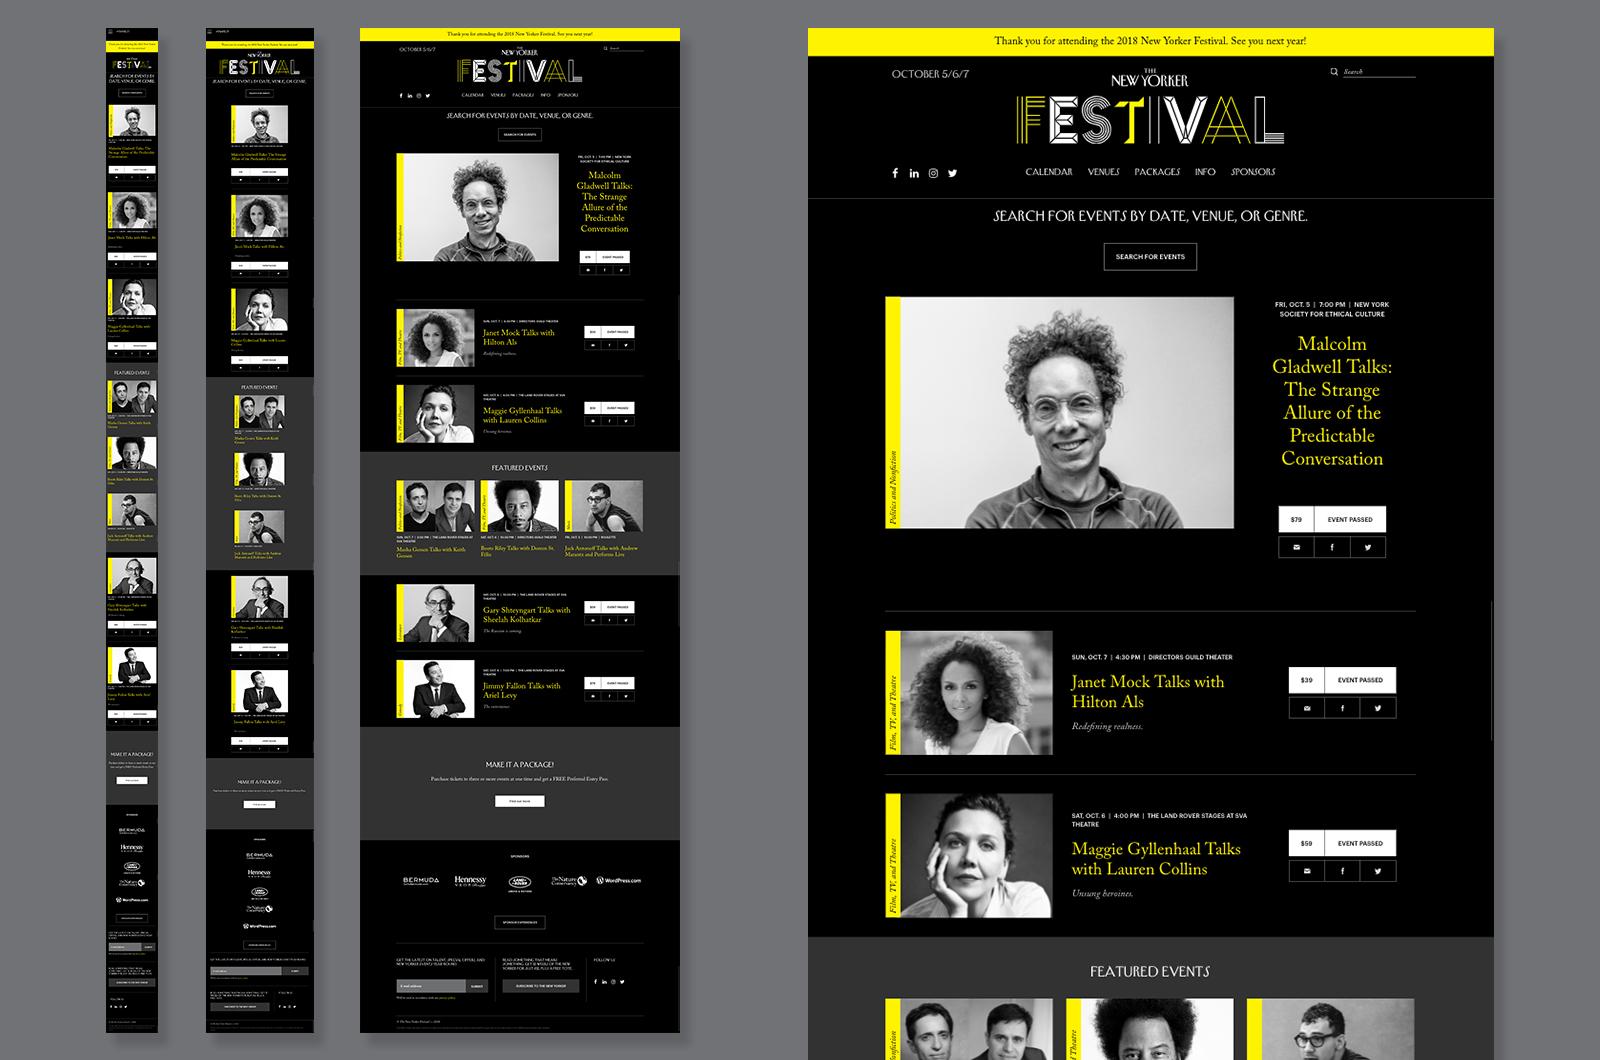 TNY_Fest_website_layout_02.jpg